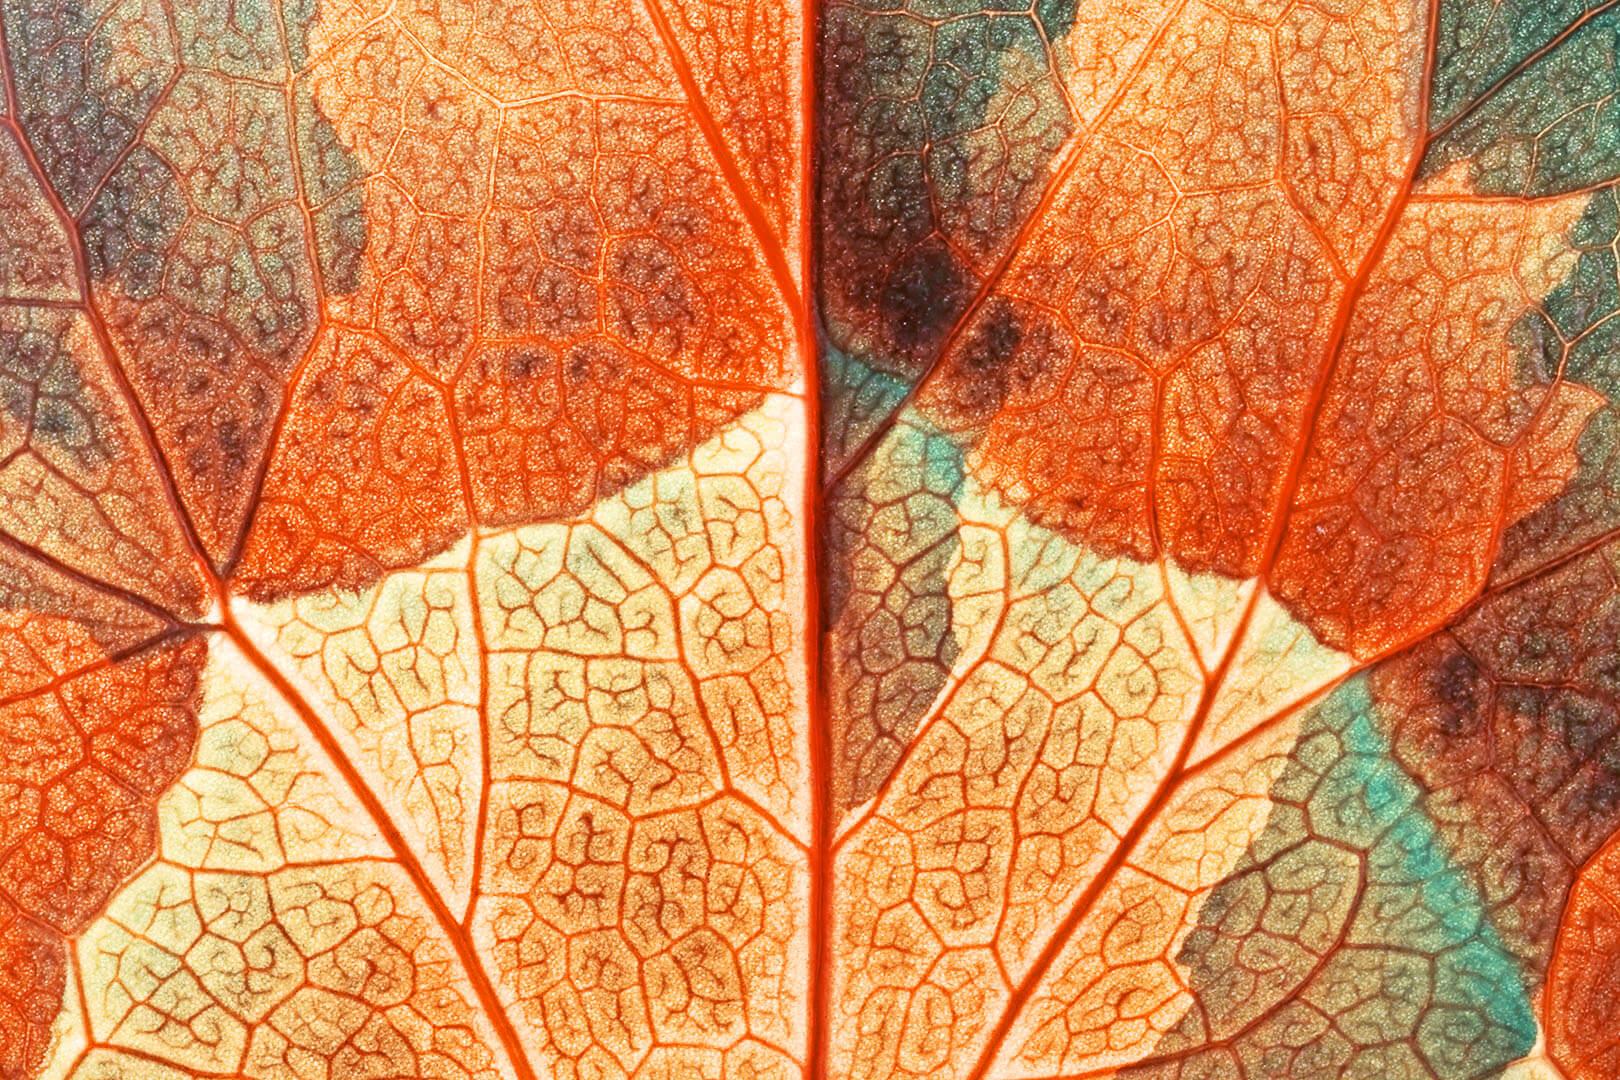 Leaf Texture #3